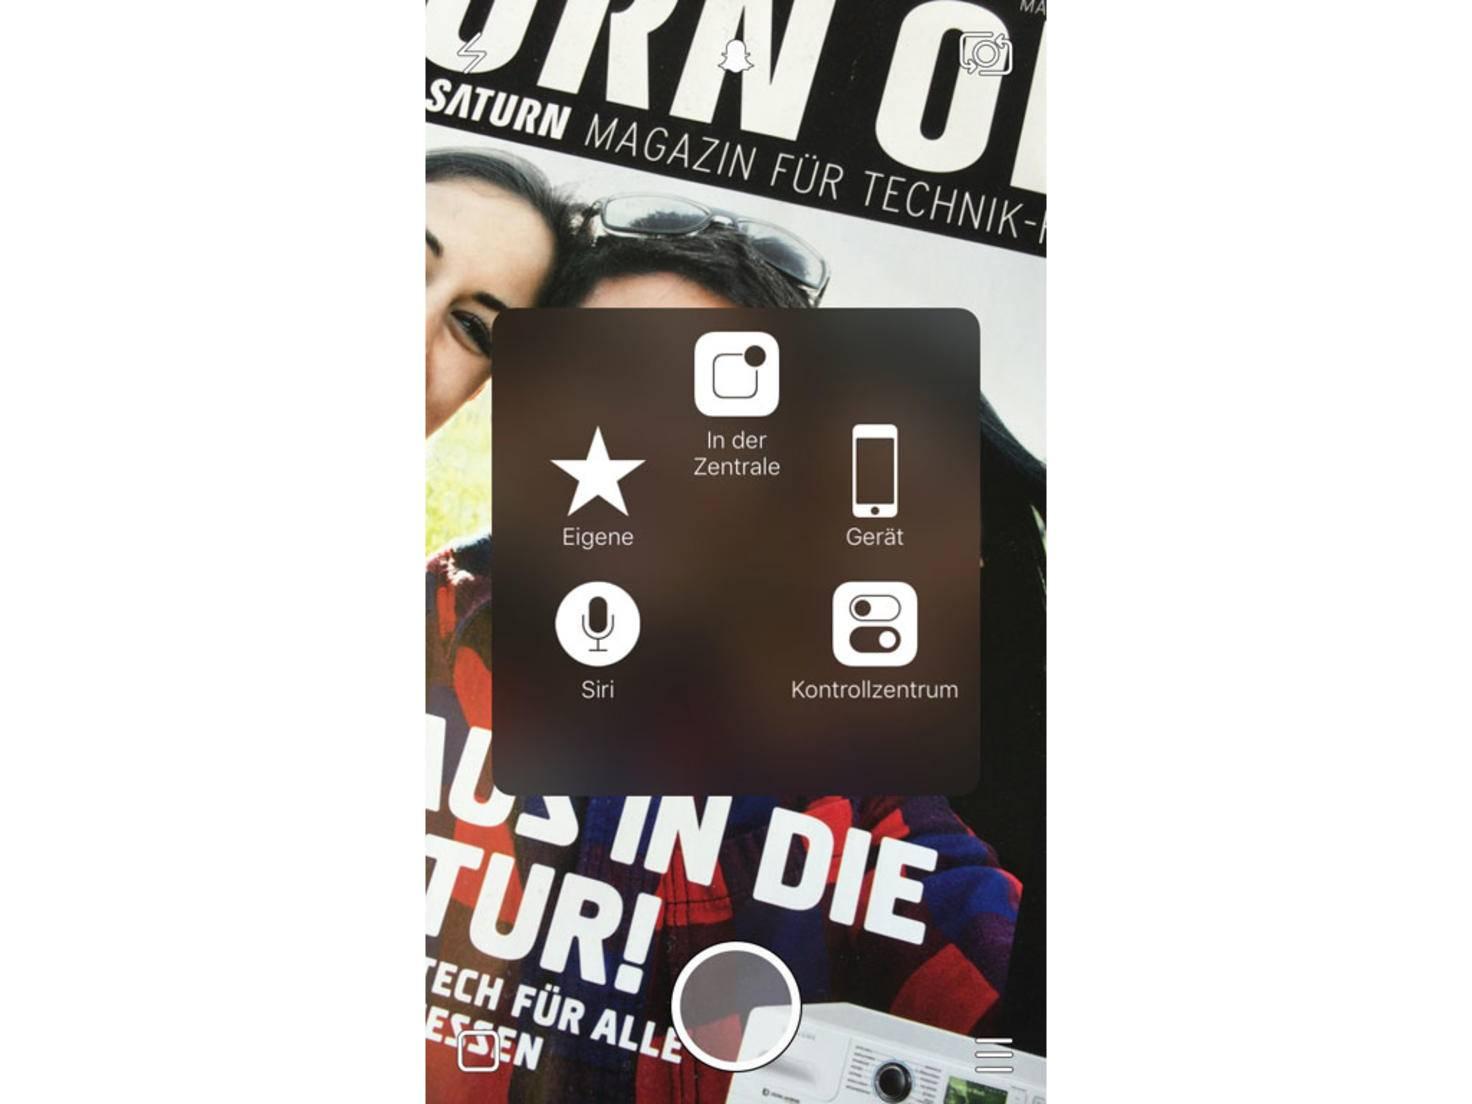 """In Snapchat klickst Du auf den AssistiveTouch-Button und wählst """"Eigene""""."""